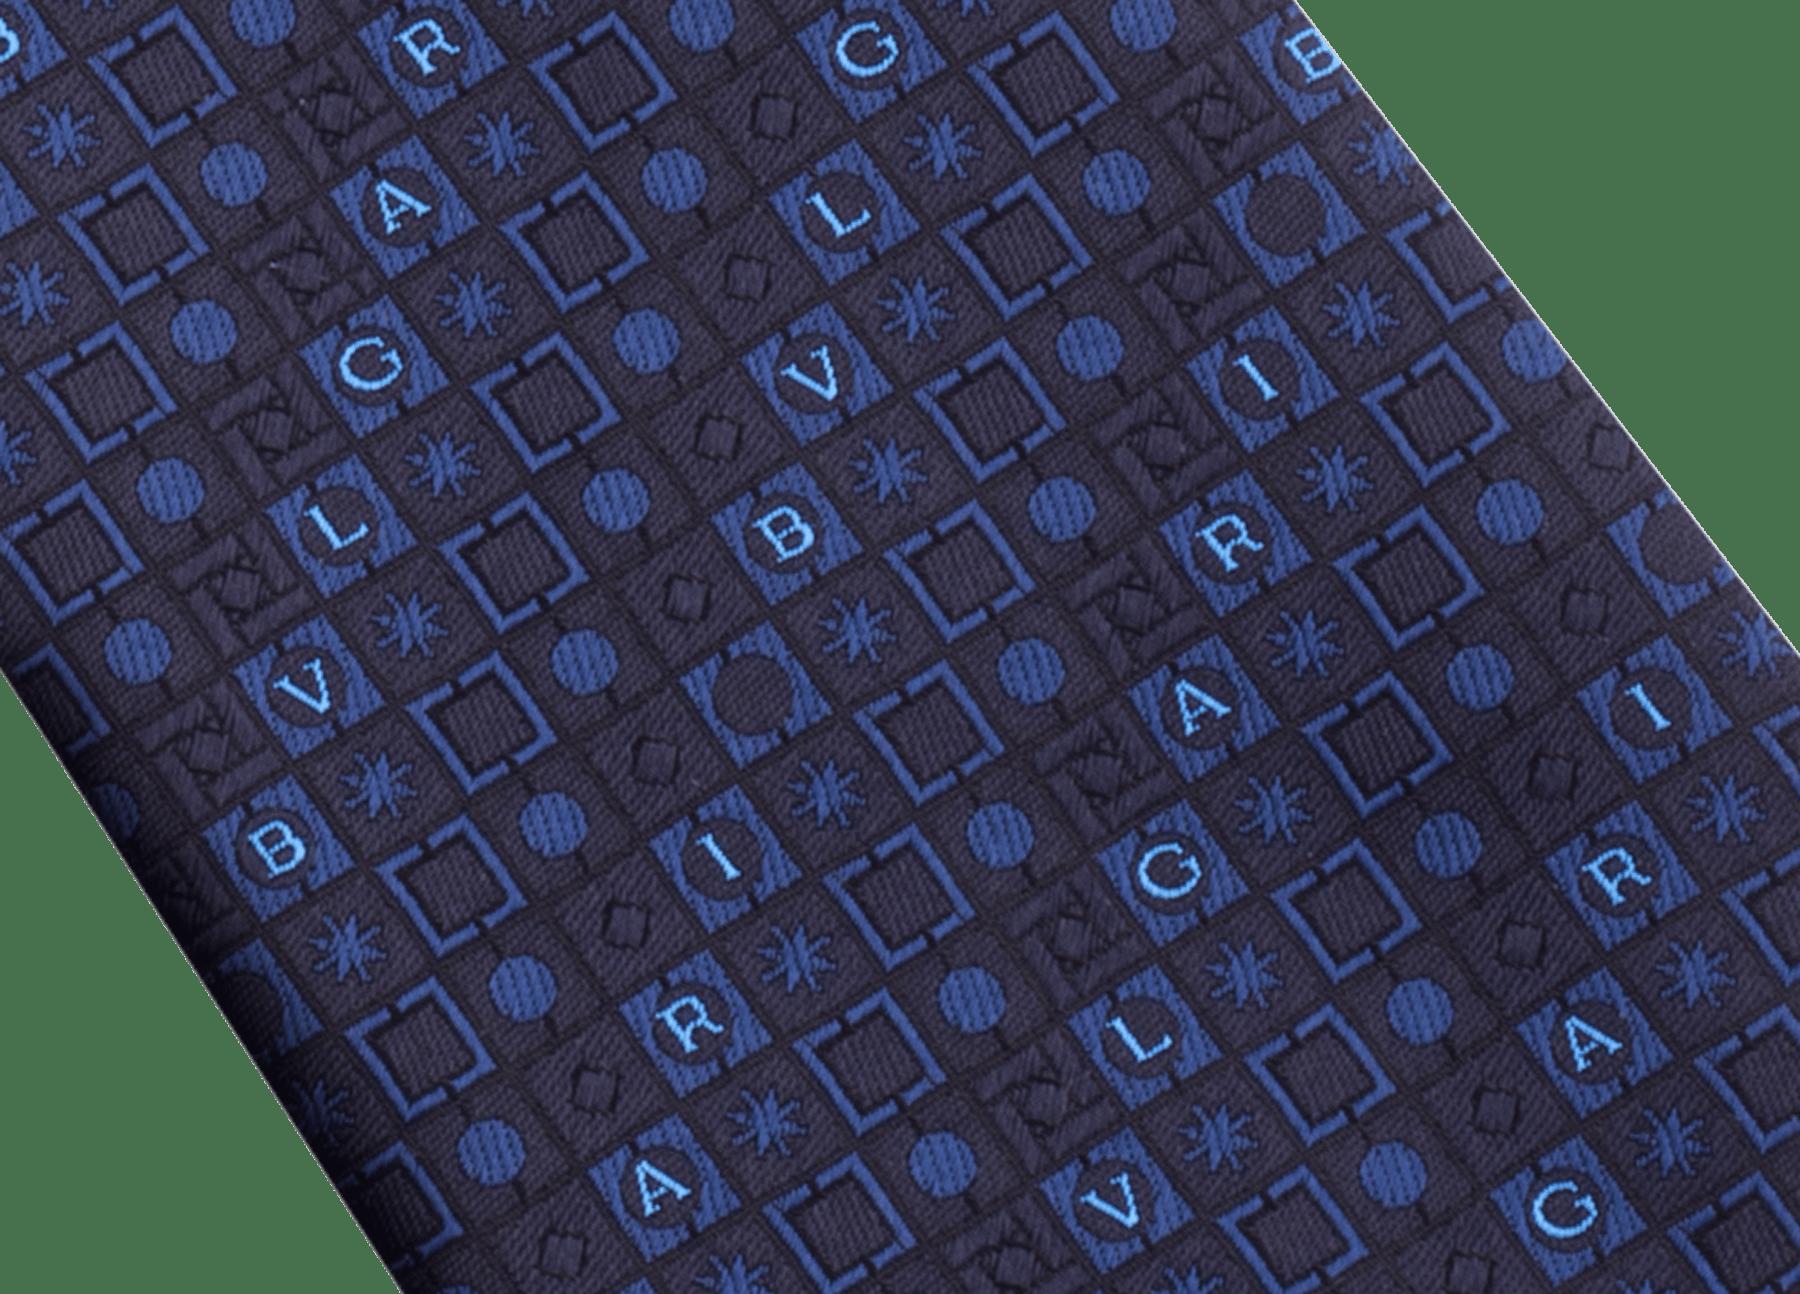 Cravatta sette pieghe blu navy con motivo Logo Peter in pregiata seta saglione stampata. 243668 image 2